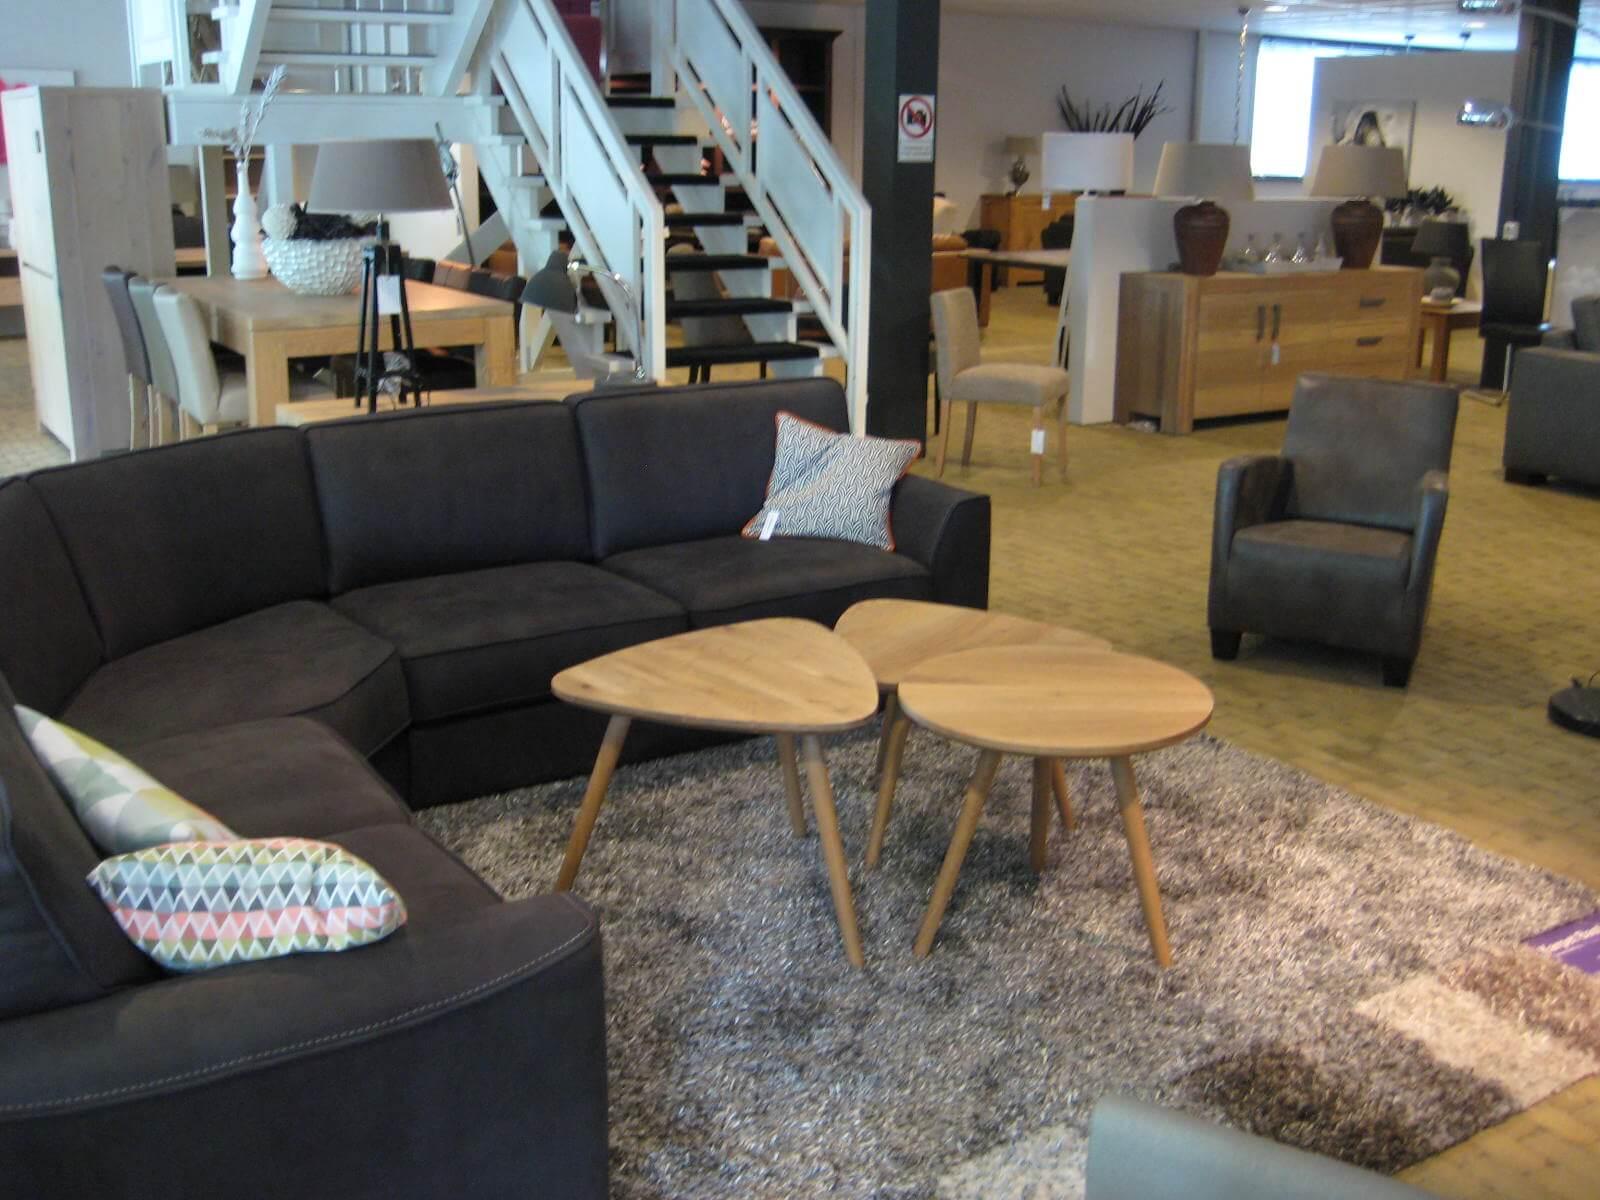 Enschede Möbelhäuser möbelgeschäft het ambacht losser woonwinkel meubelmakerij